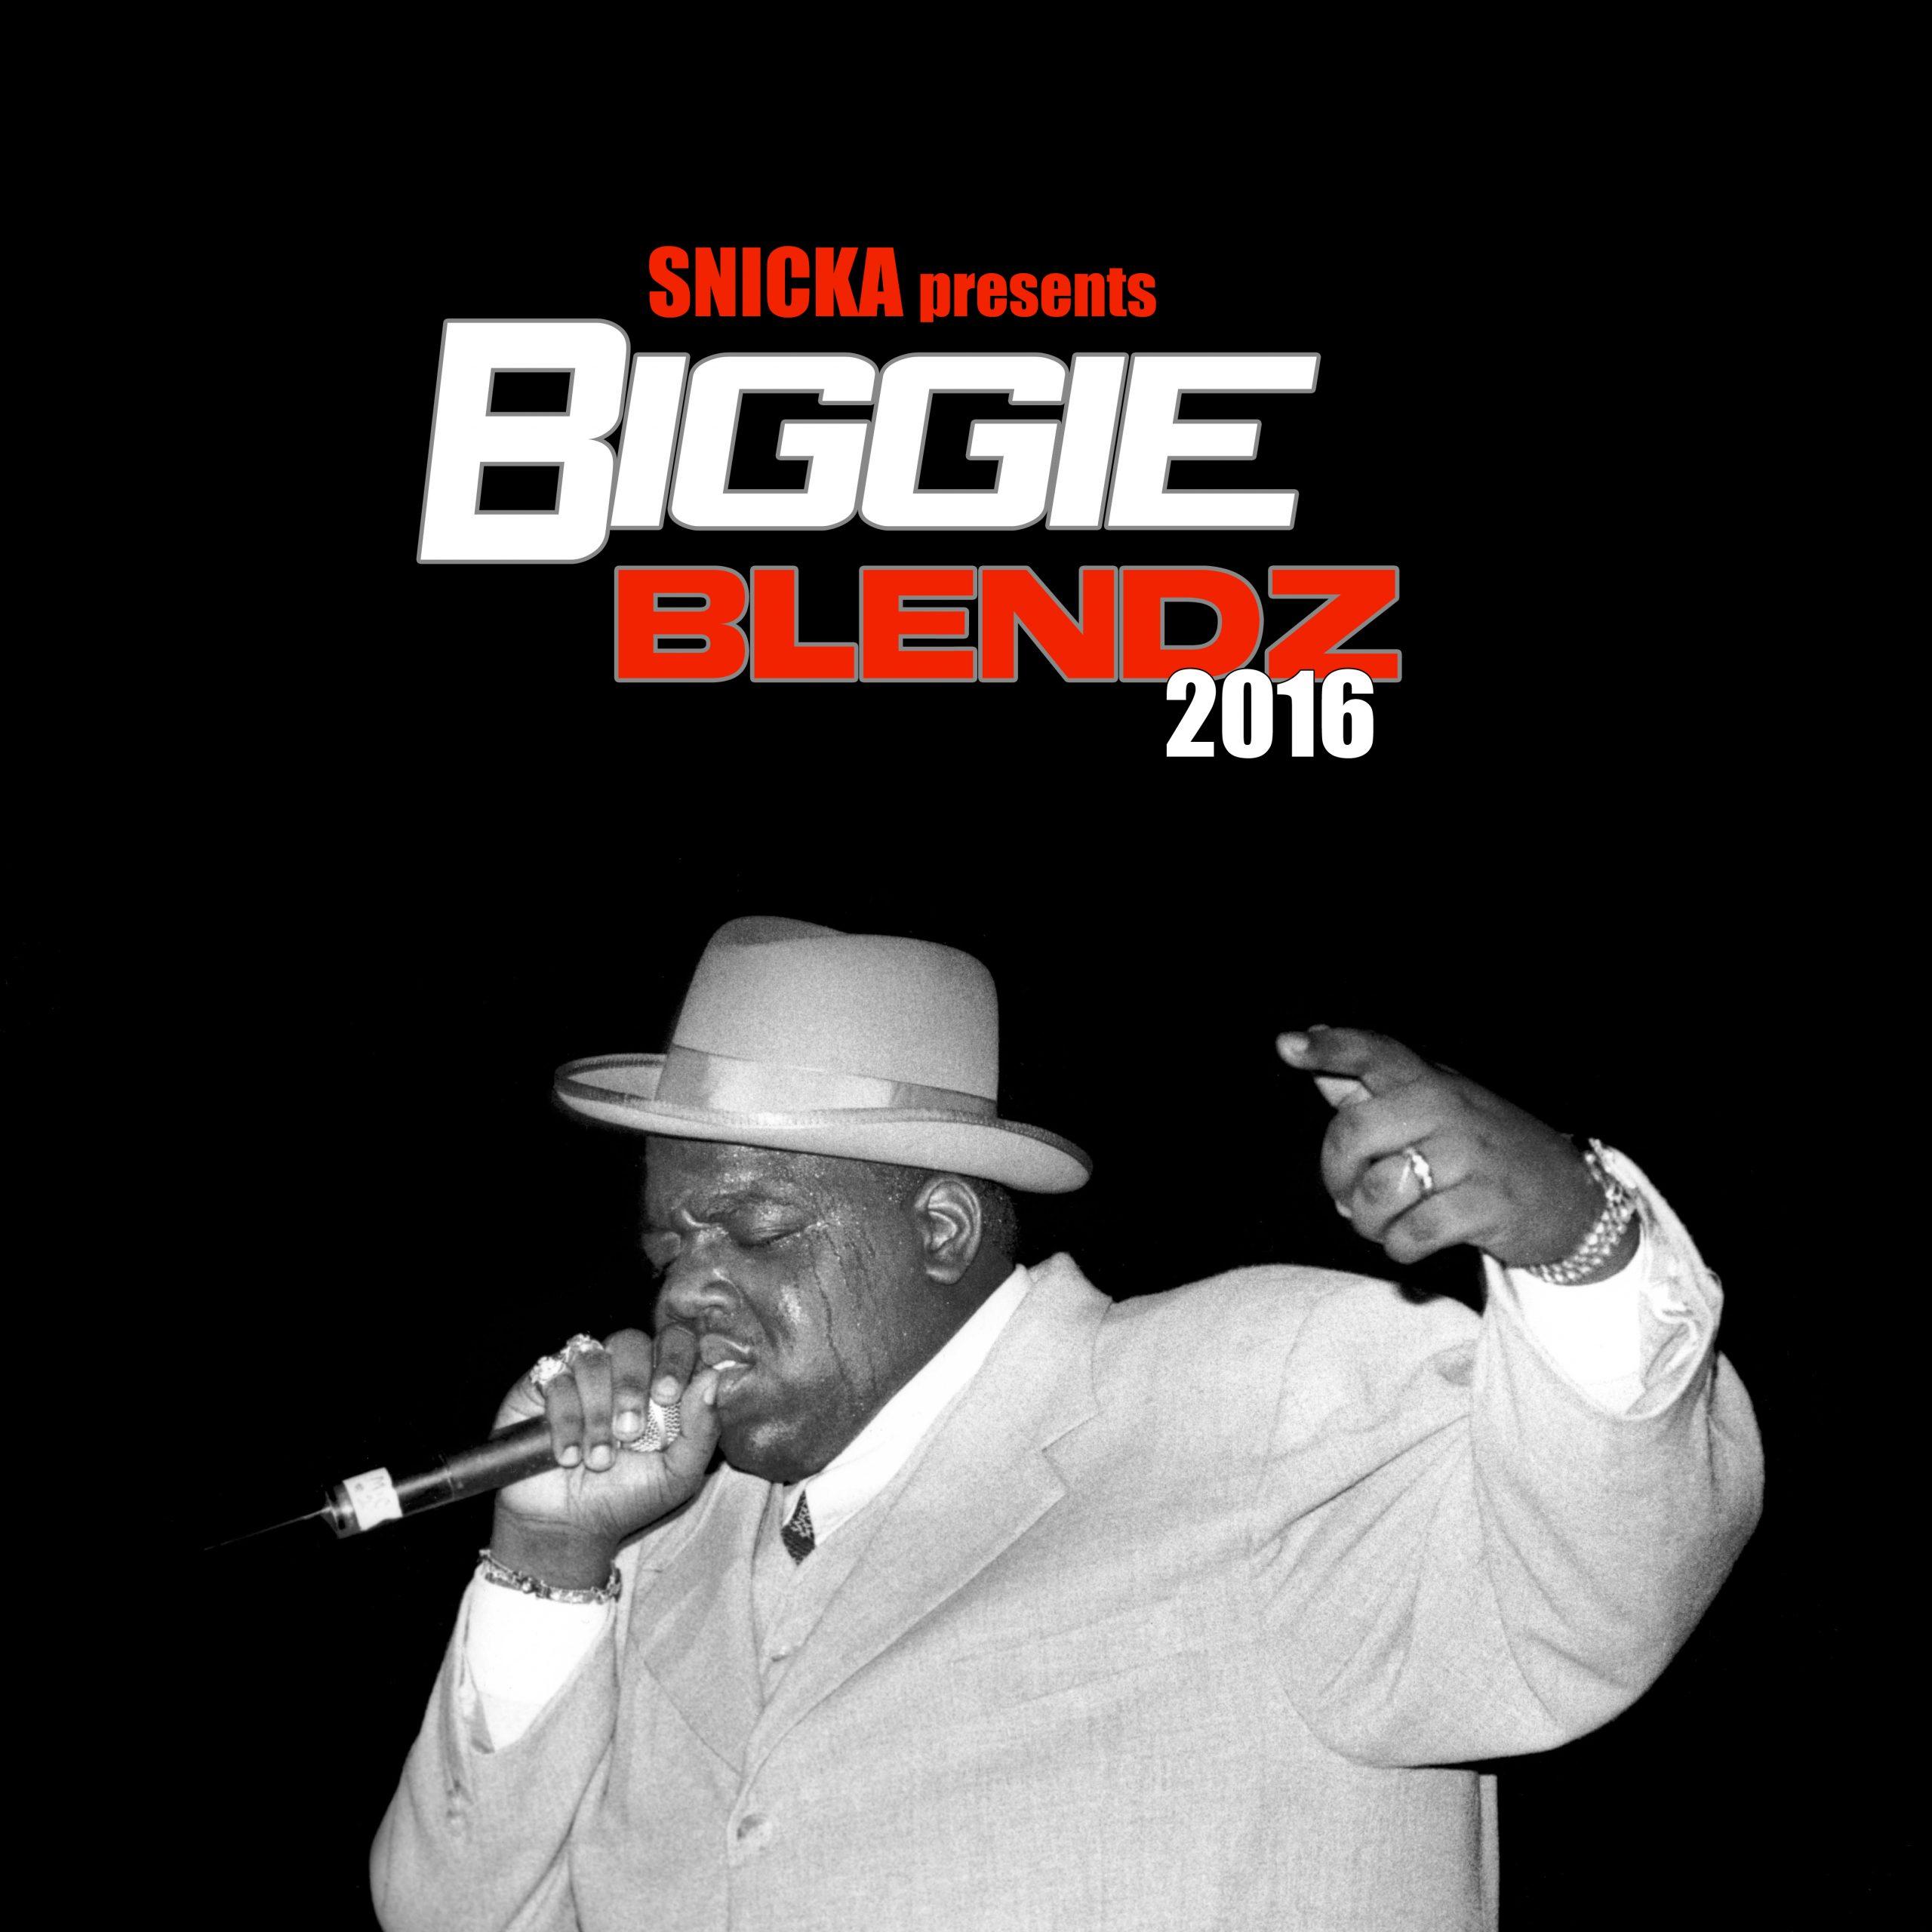 Biggie Blendz 2016